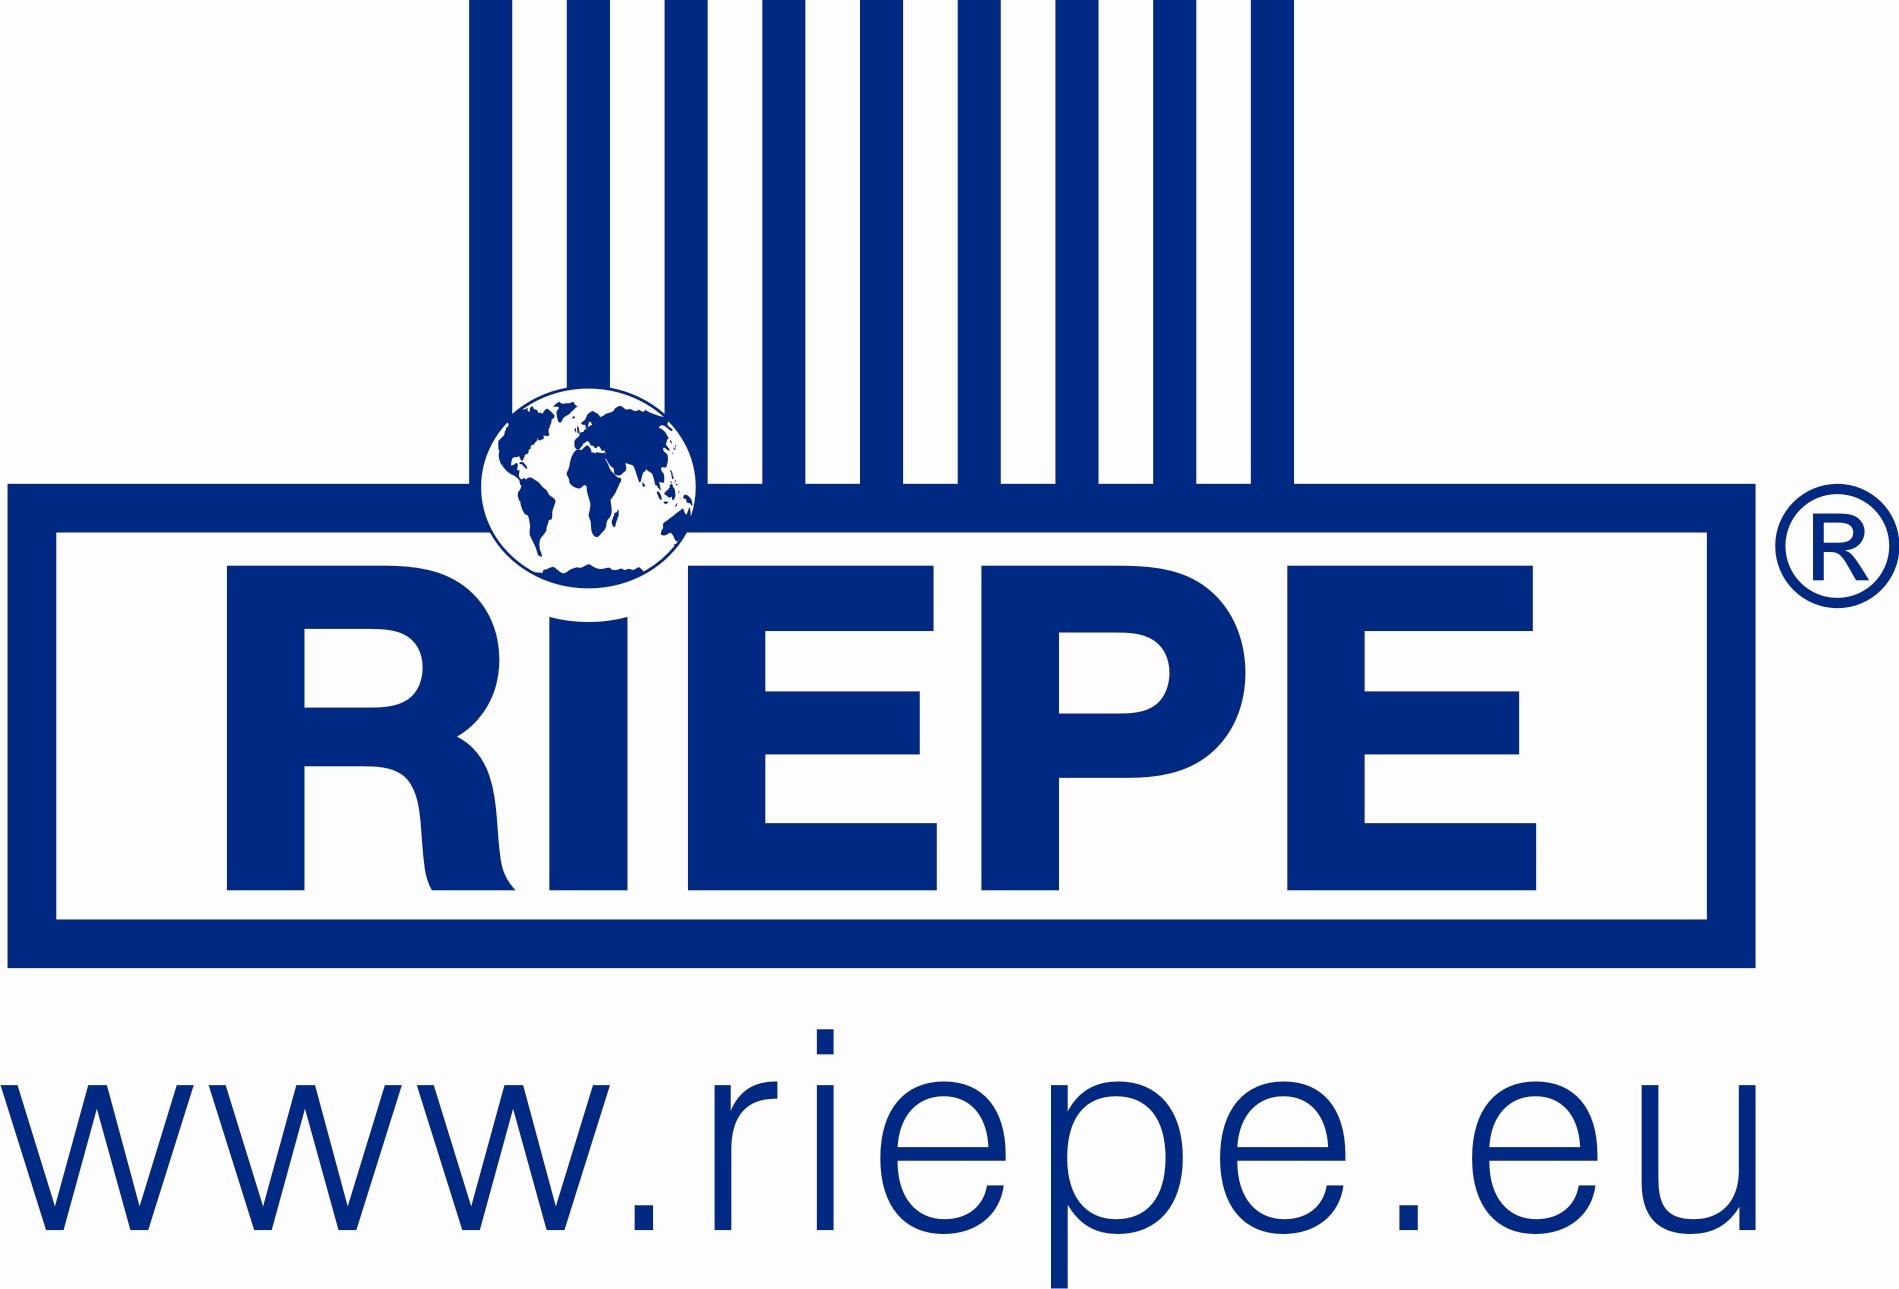 RIEPE